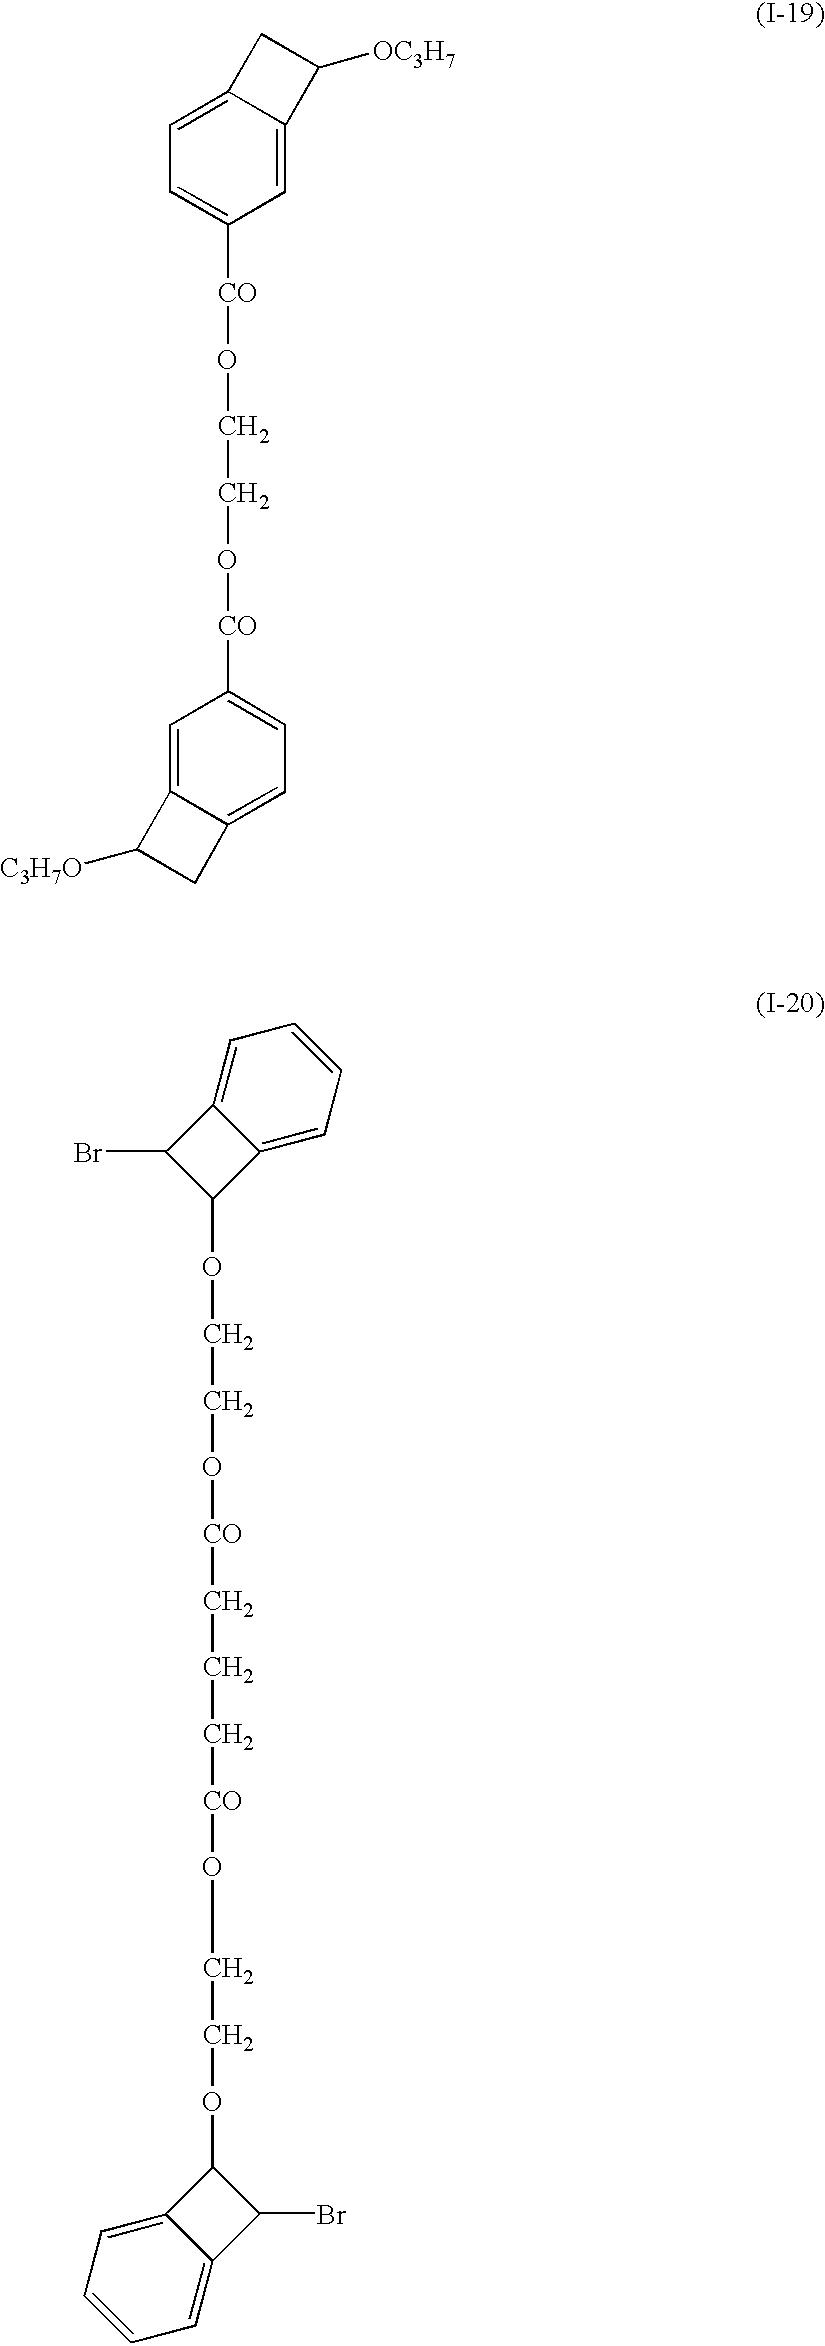 Figure US20030165778A1-20030904-C00015